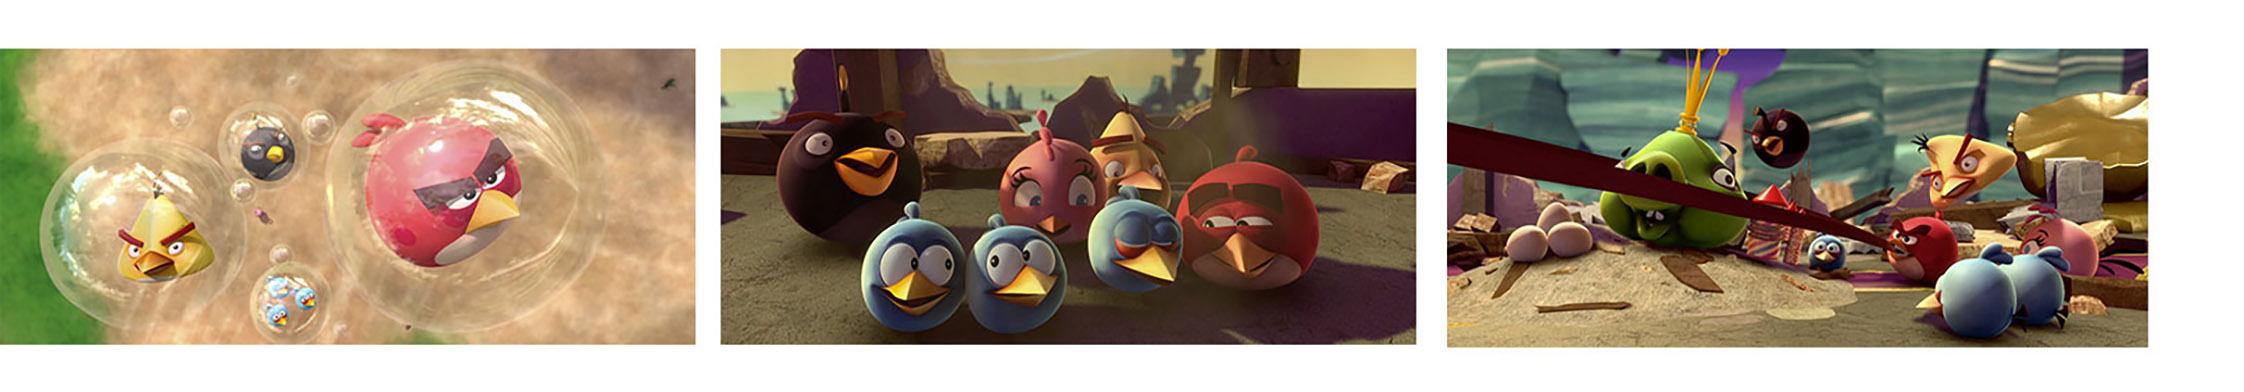 still_angrybirds_ride